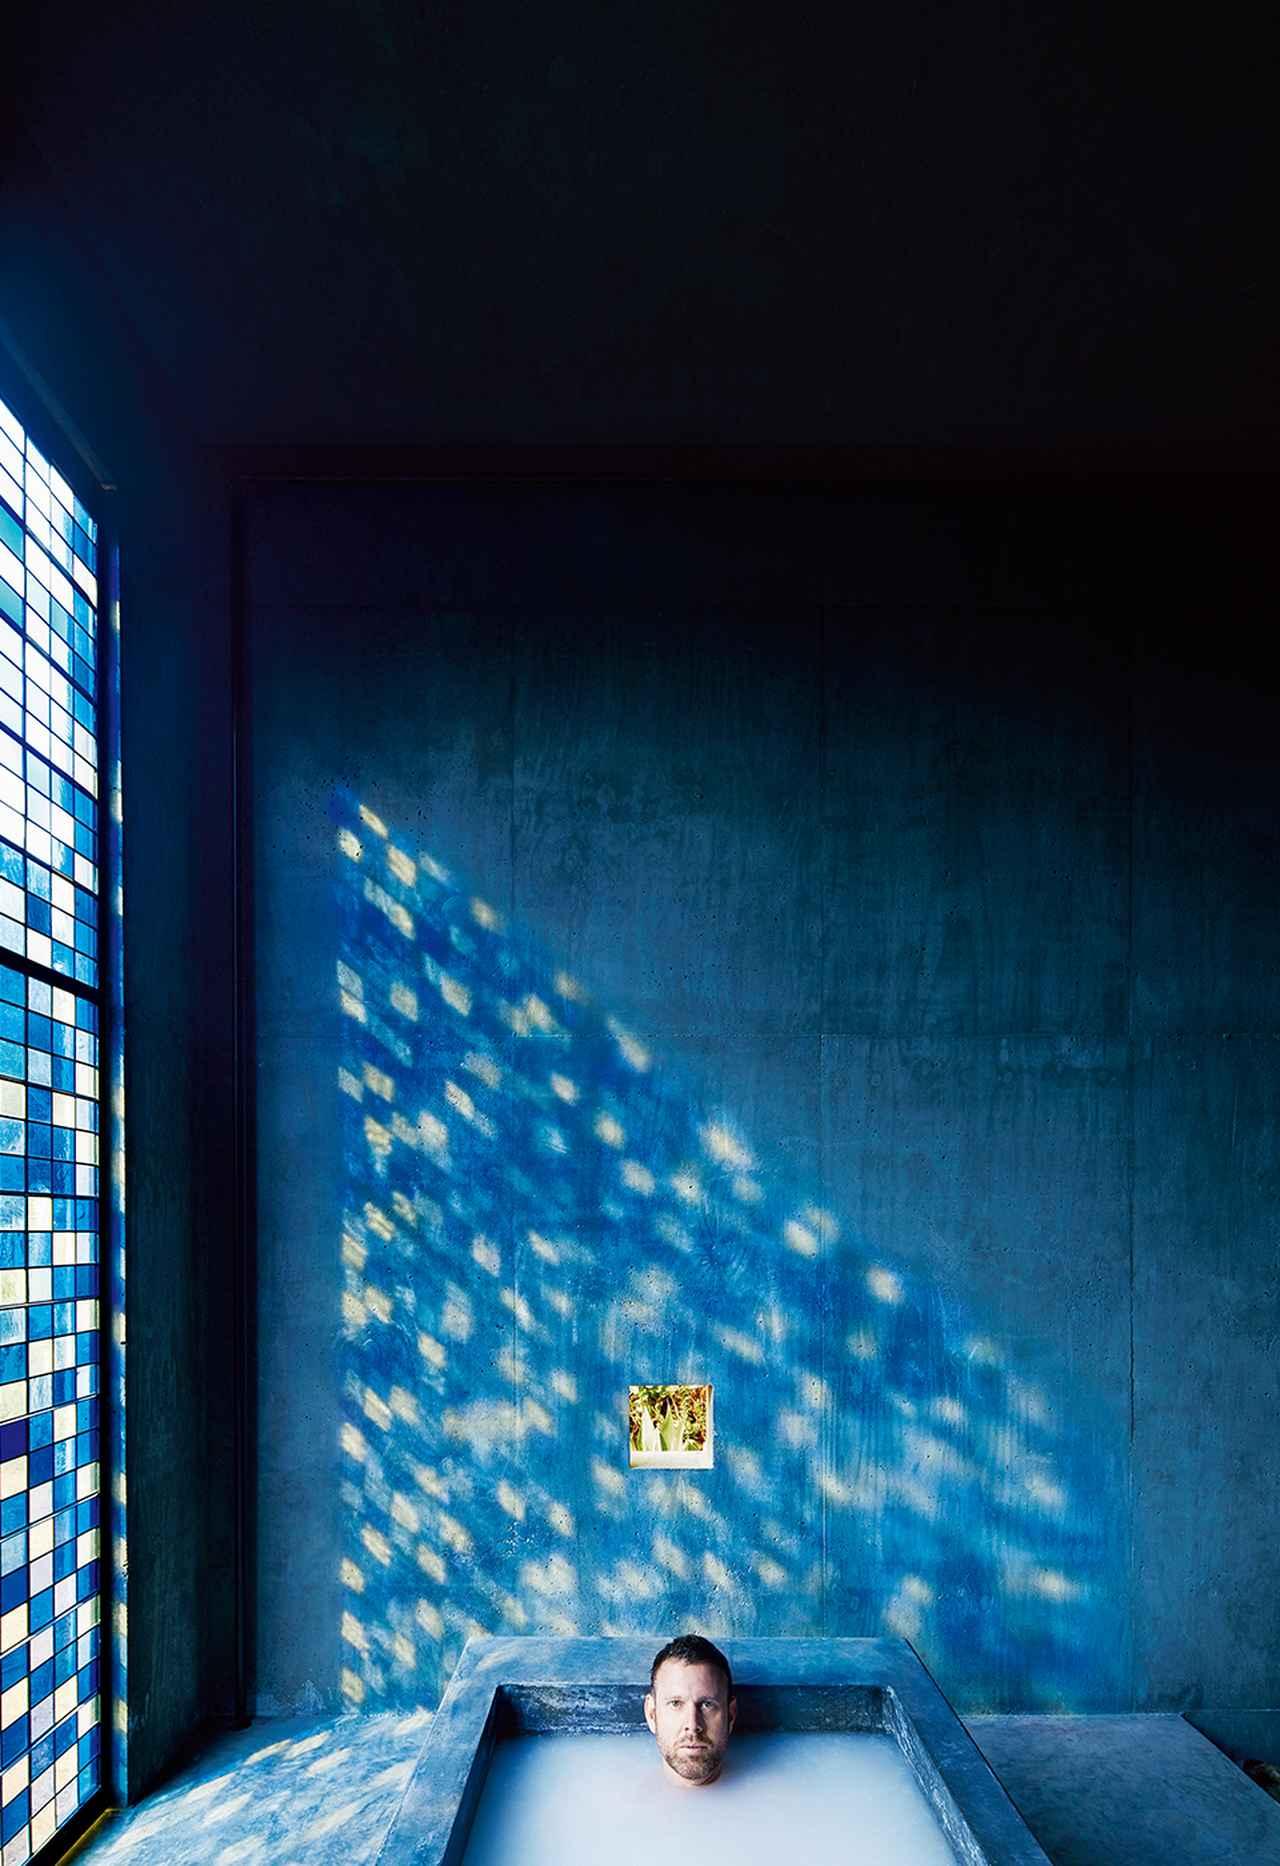 Images : 7番目の画像 - 「幻のエロチカ映画の制作基地が 夢のカリフォルニア・ハウスへ 生まれ変わる物語」のアルバム - T JAPAN:The New York Times Style Magazine 公式サイト